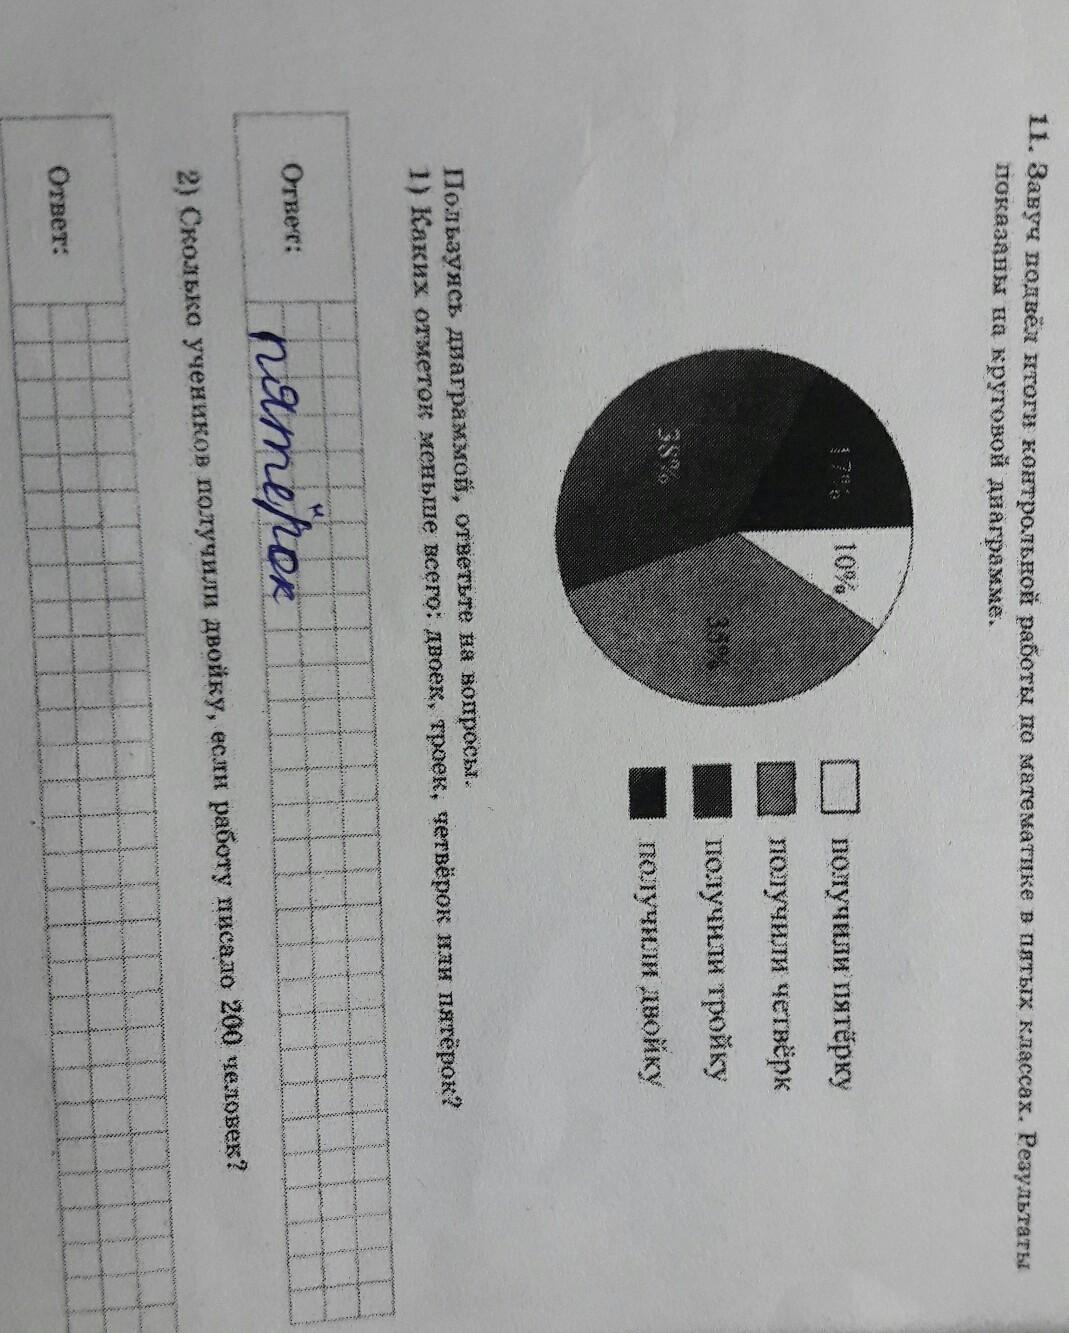 Завуч подвёл итоги контрольной работы по математике в пятых классах.Результаты показаны на круговой диаграмме.2)Сколько учеников получили двойку если работу писало 200 человек?